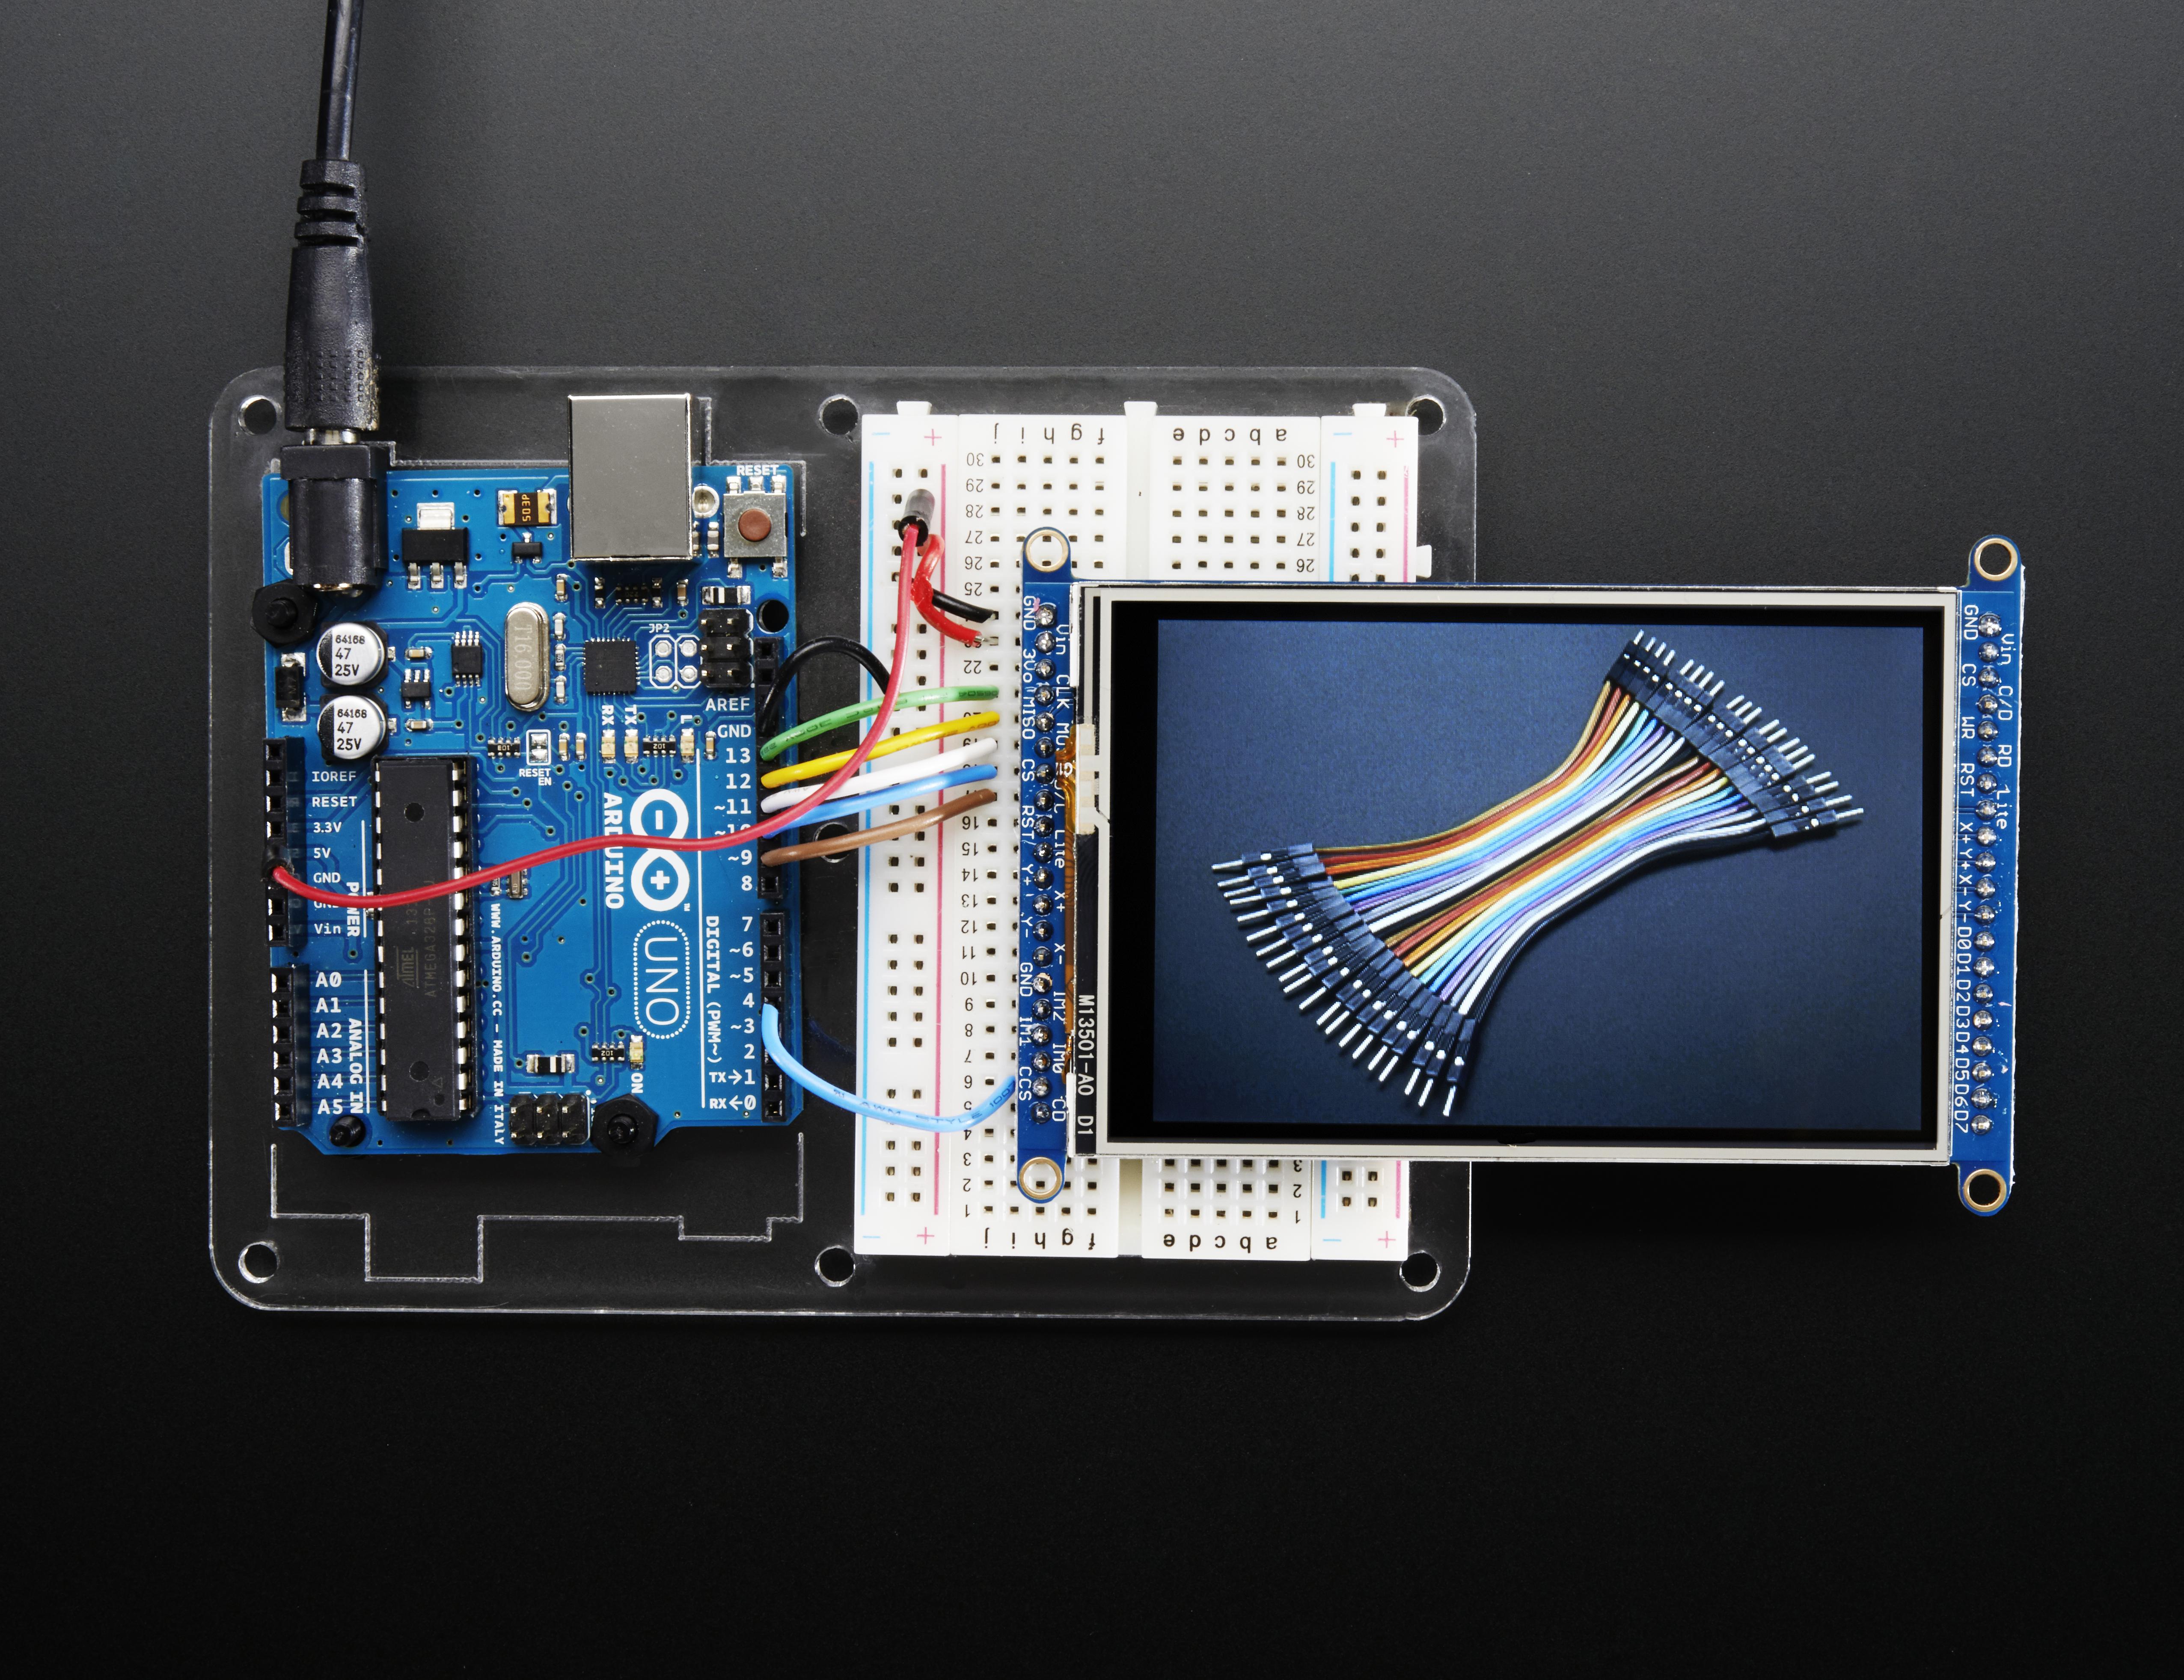 adafruit_products_2050_top_demo_01_ORIG.jpg